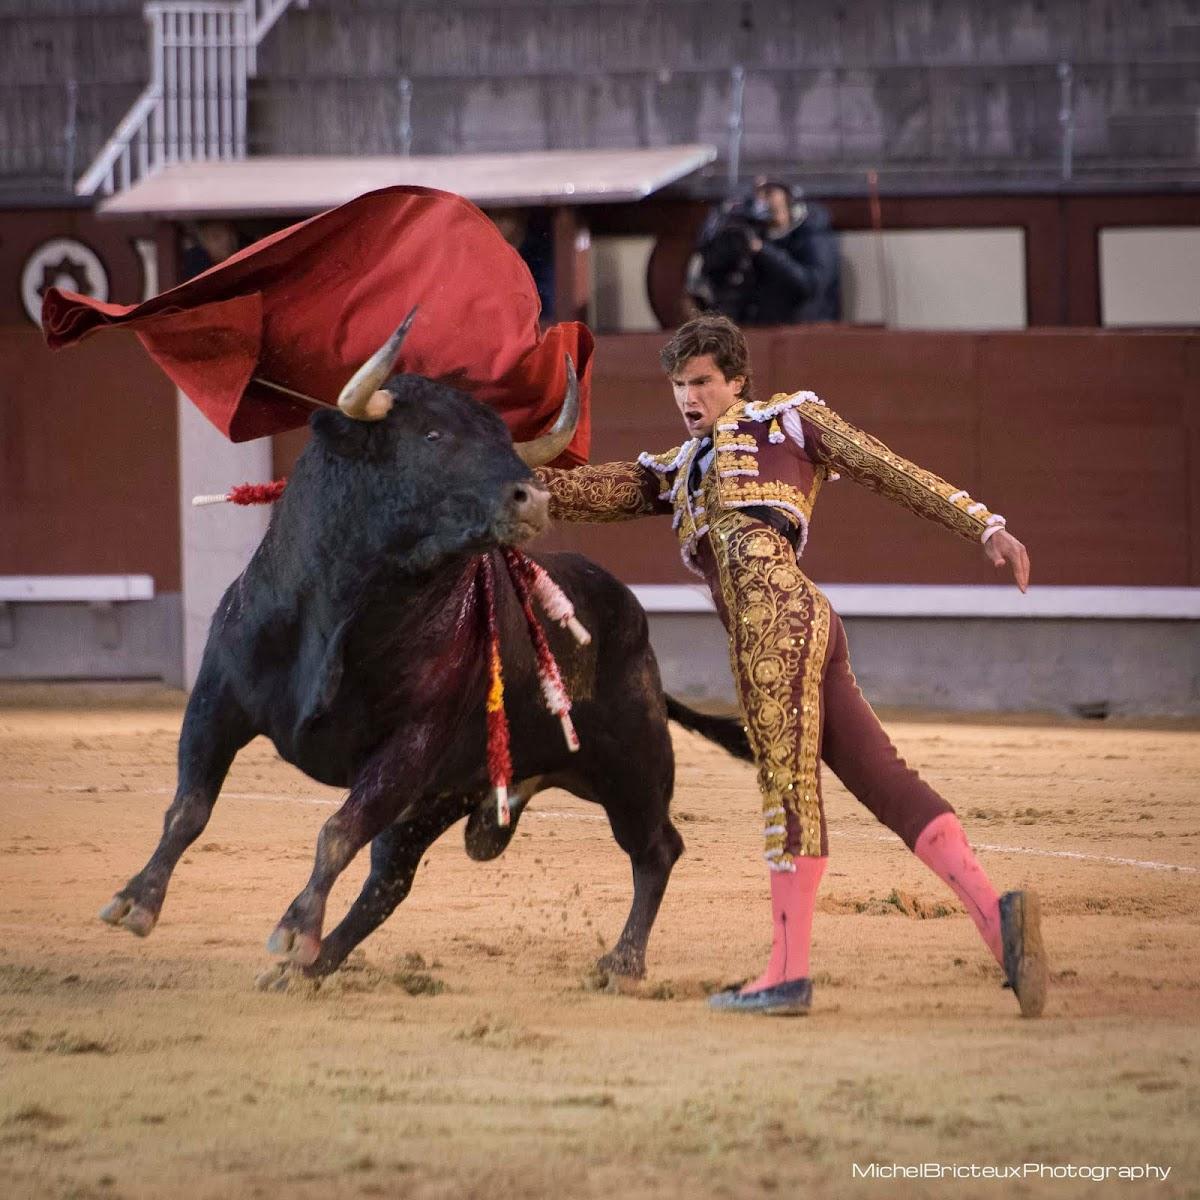 Día de Toros : Eduardo Gallo - Las Ventas, 24/03/2013